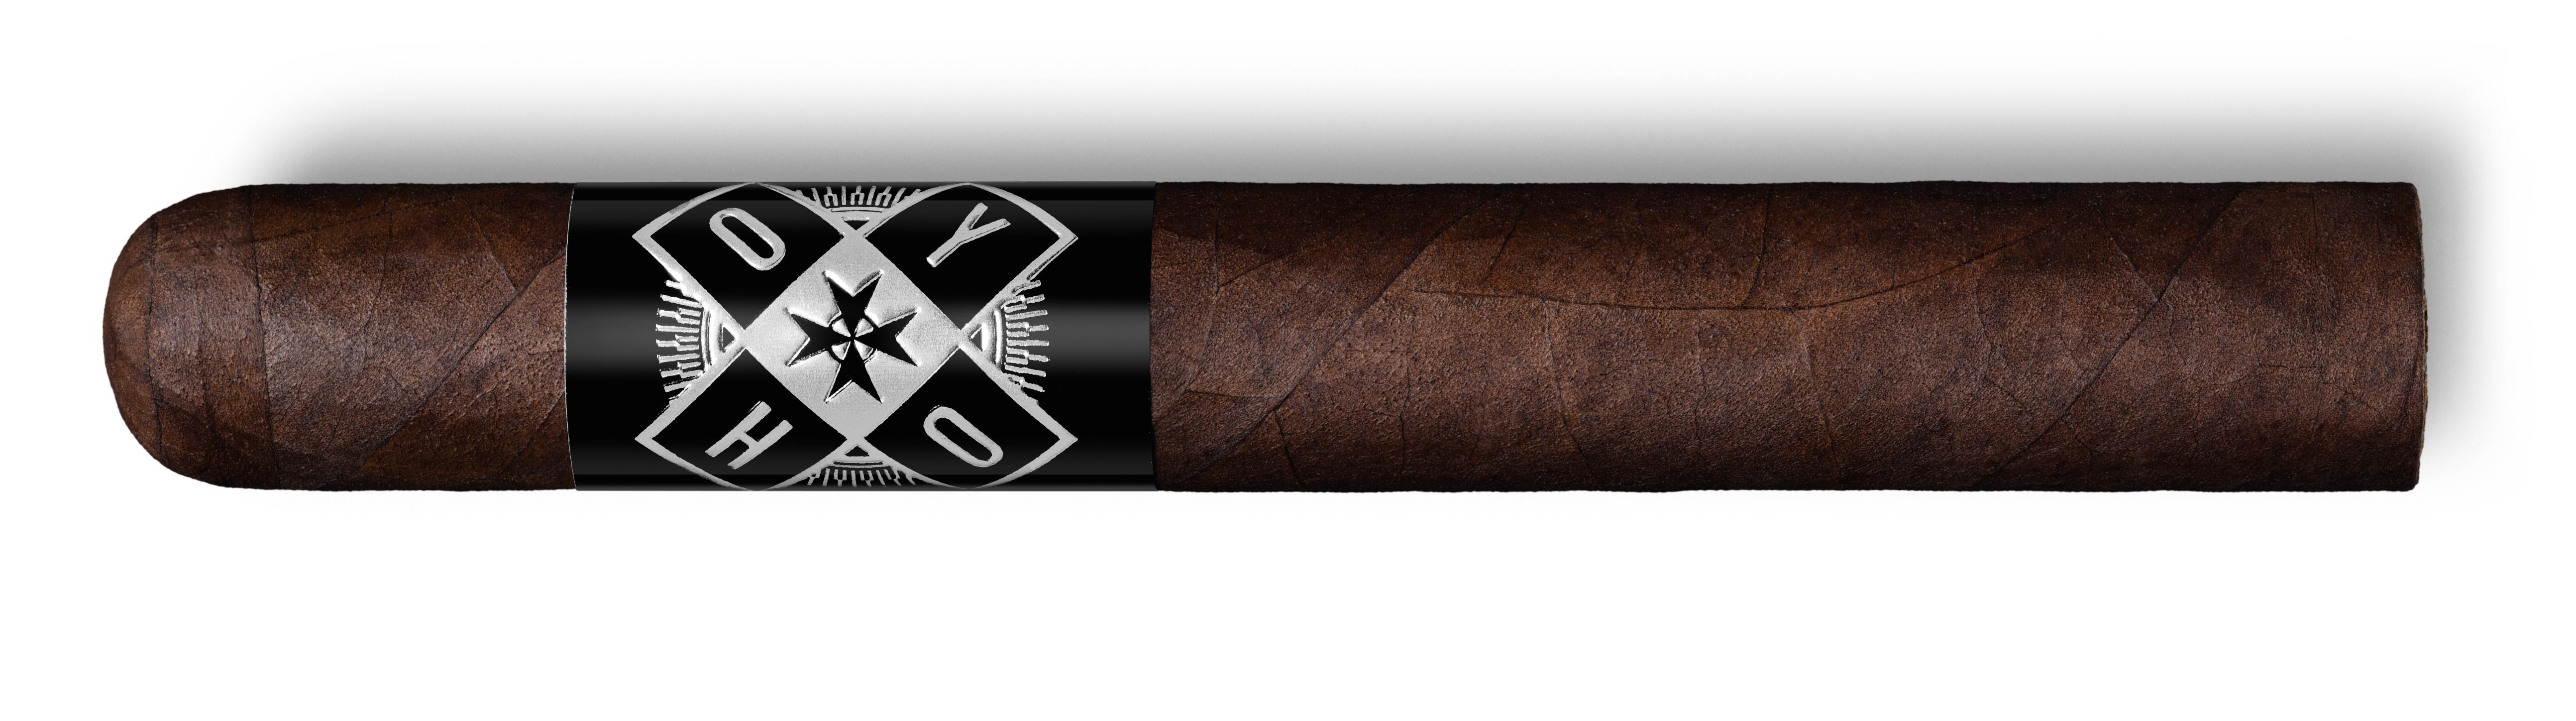 Hoyo_by_Hoyo_de_Monterrey_Cigar